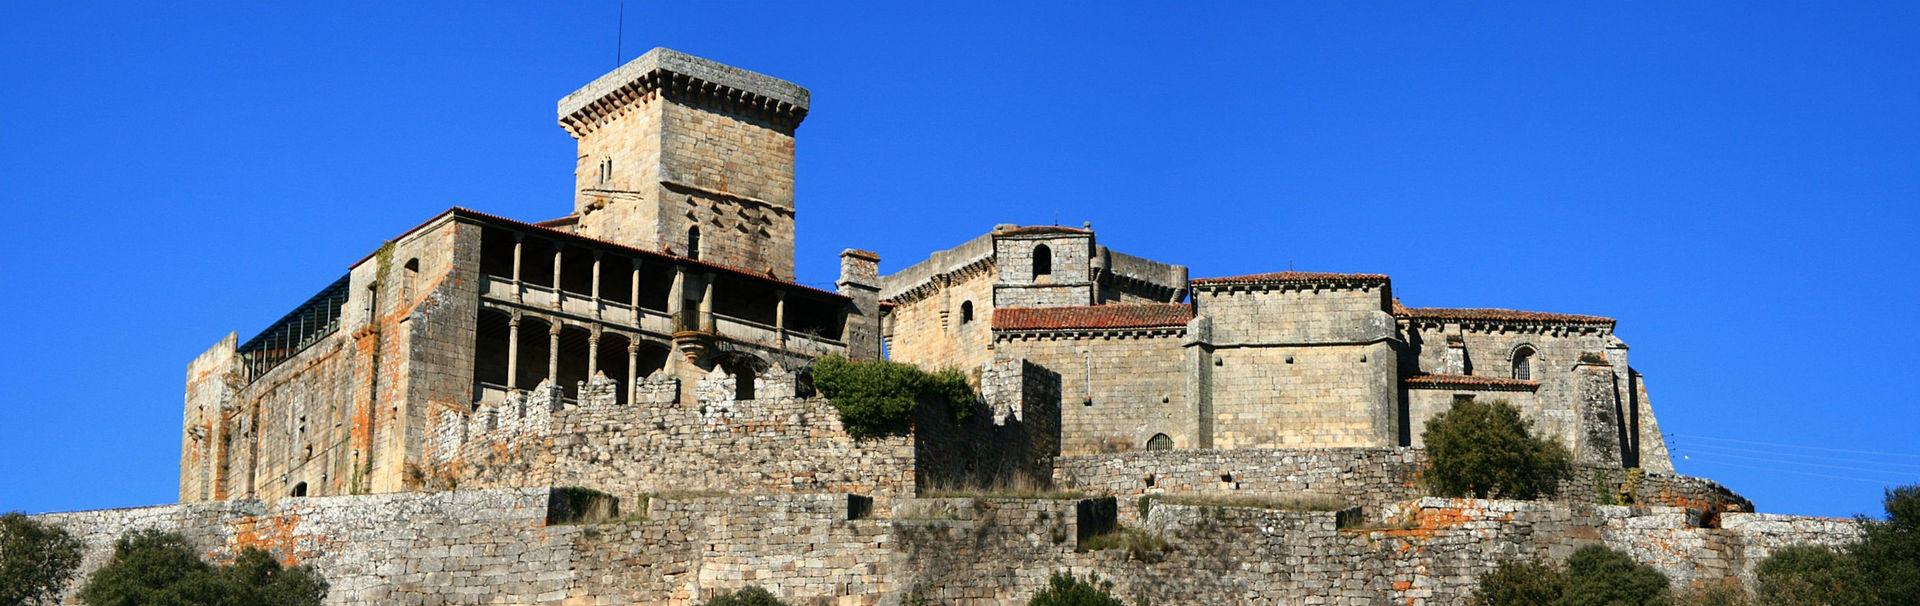 Castelo de Monterrei, Monterrei, Ourense, vista sur.jpg